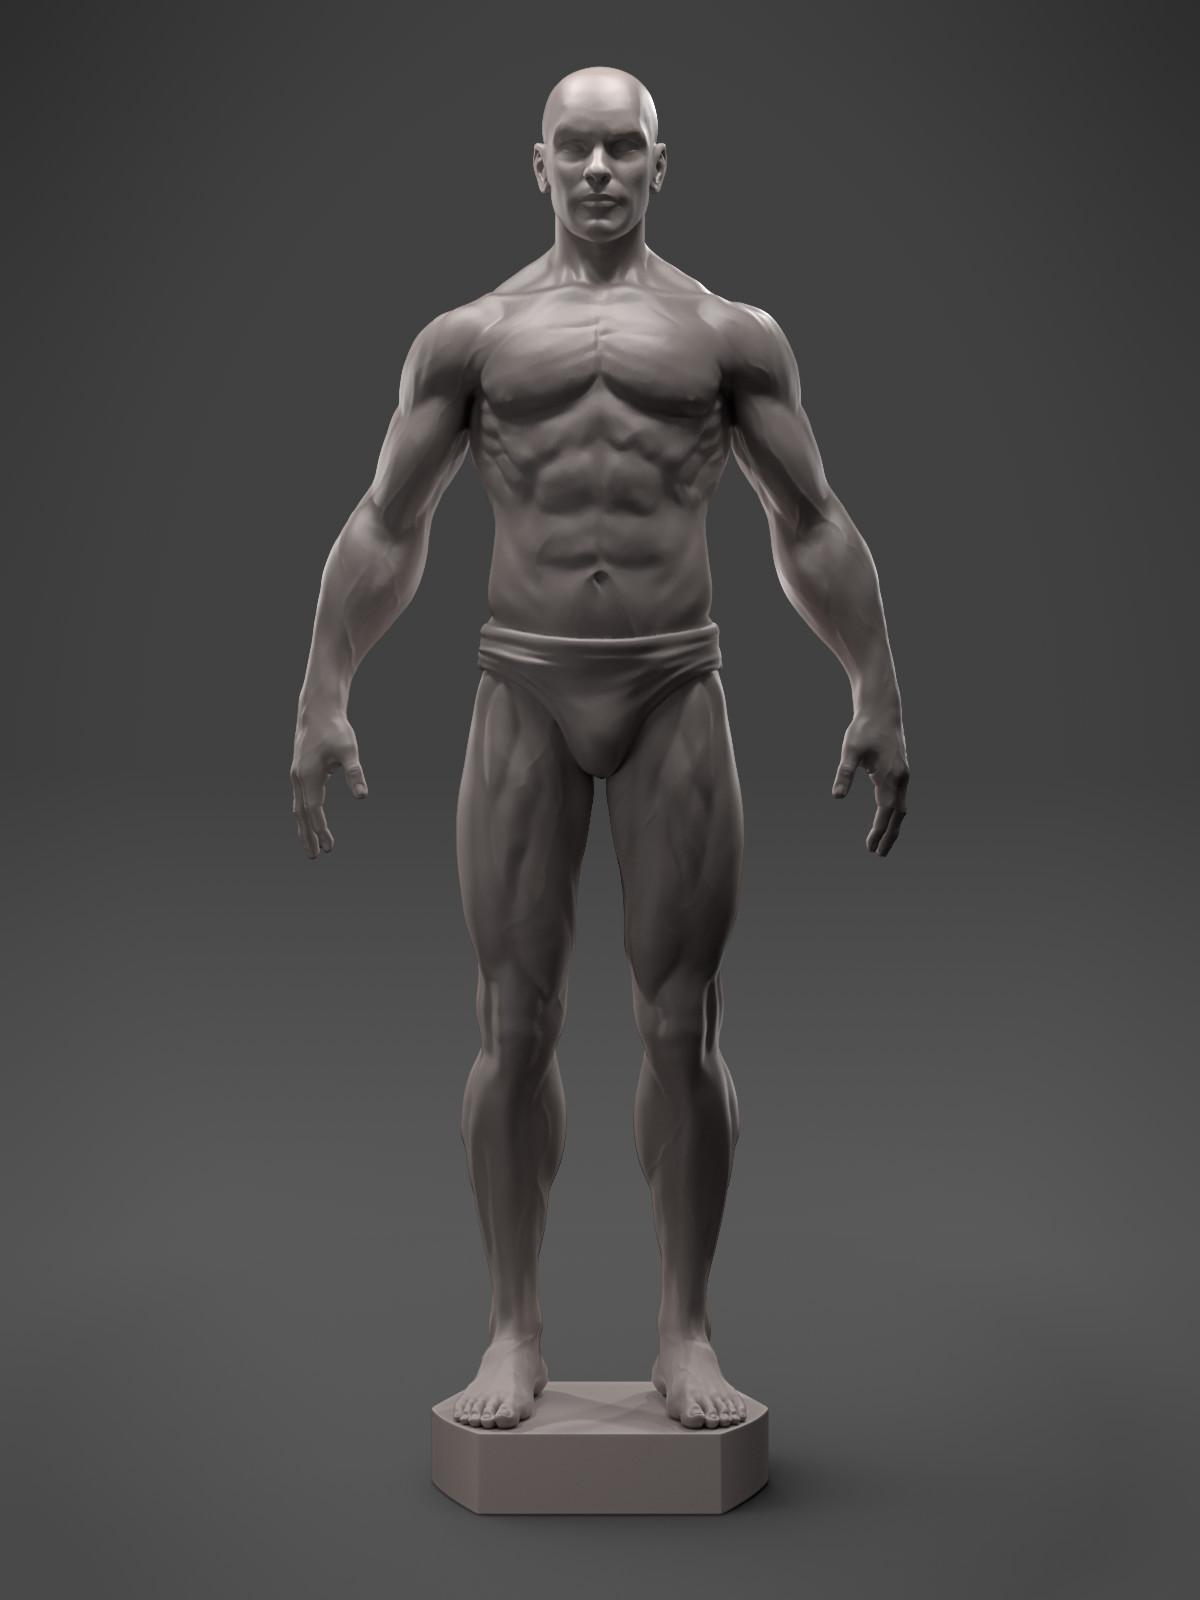 Hector moran anatomyguy front